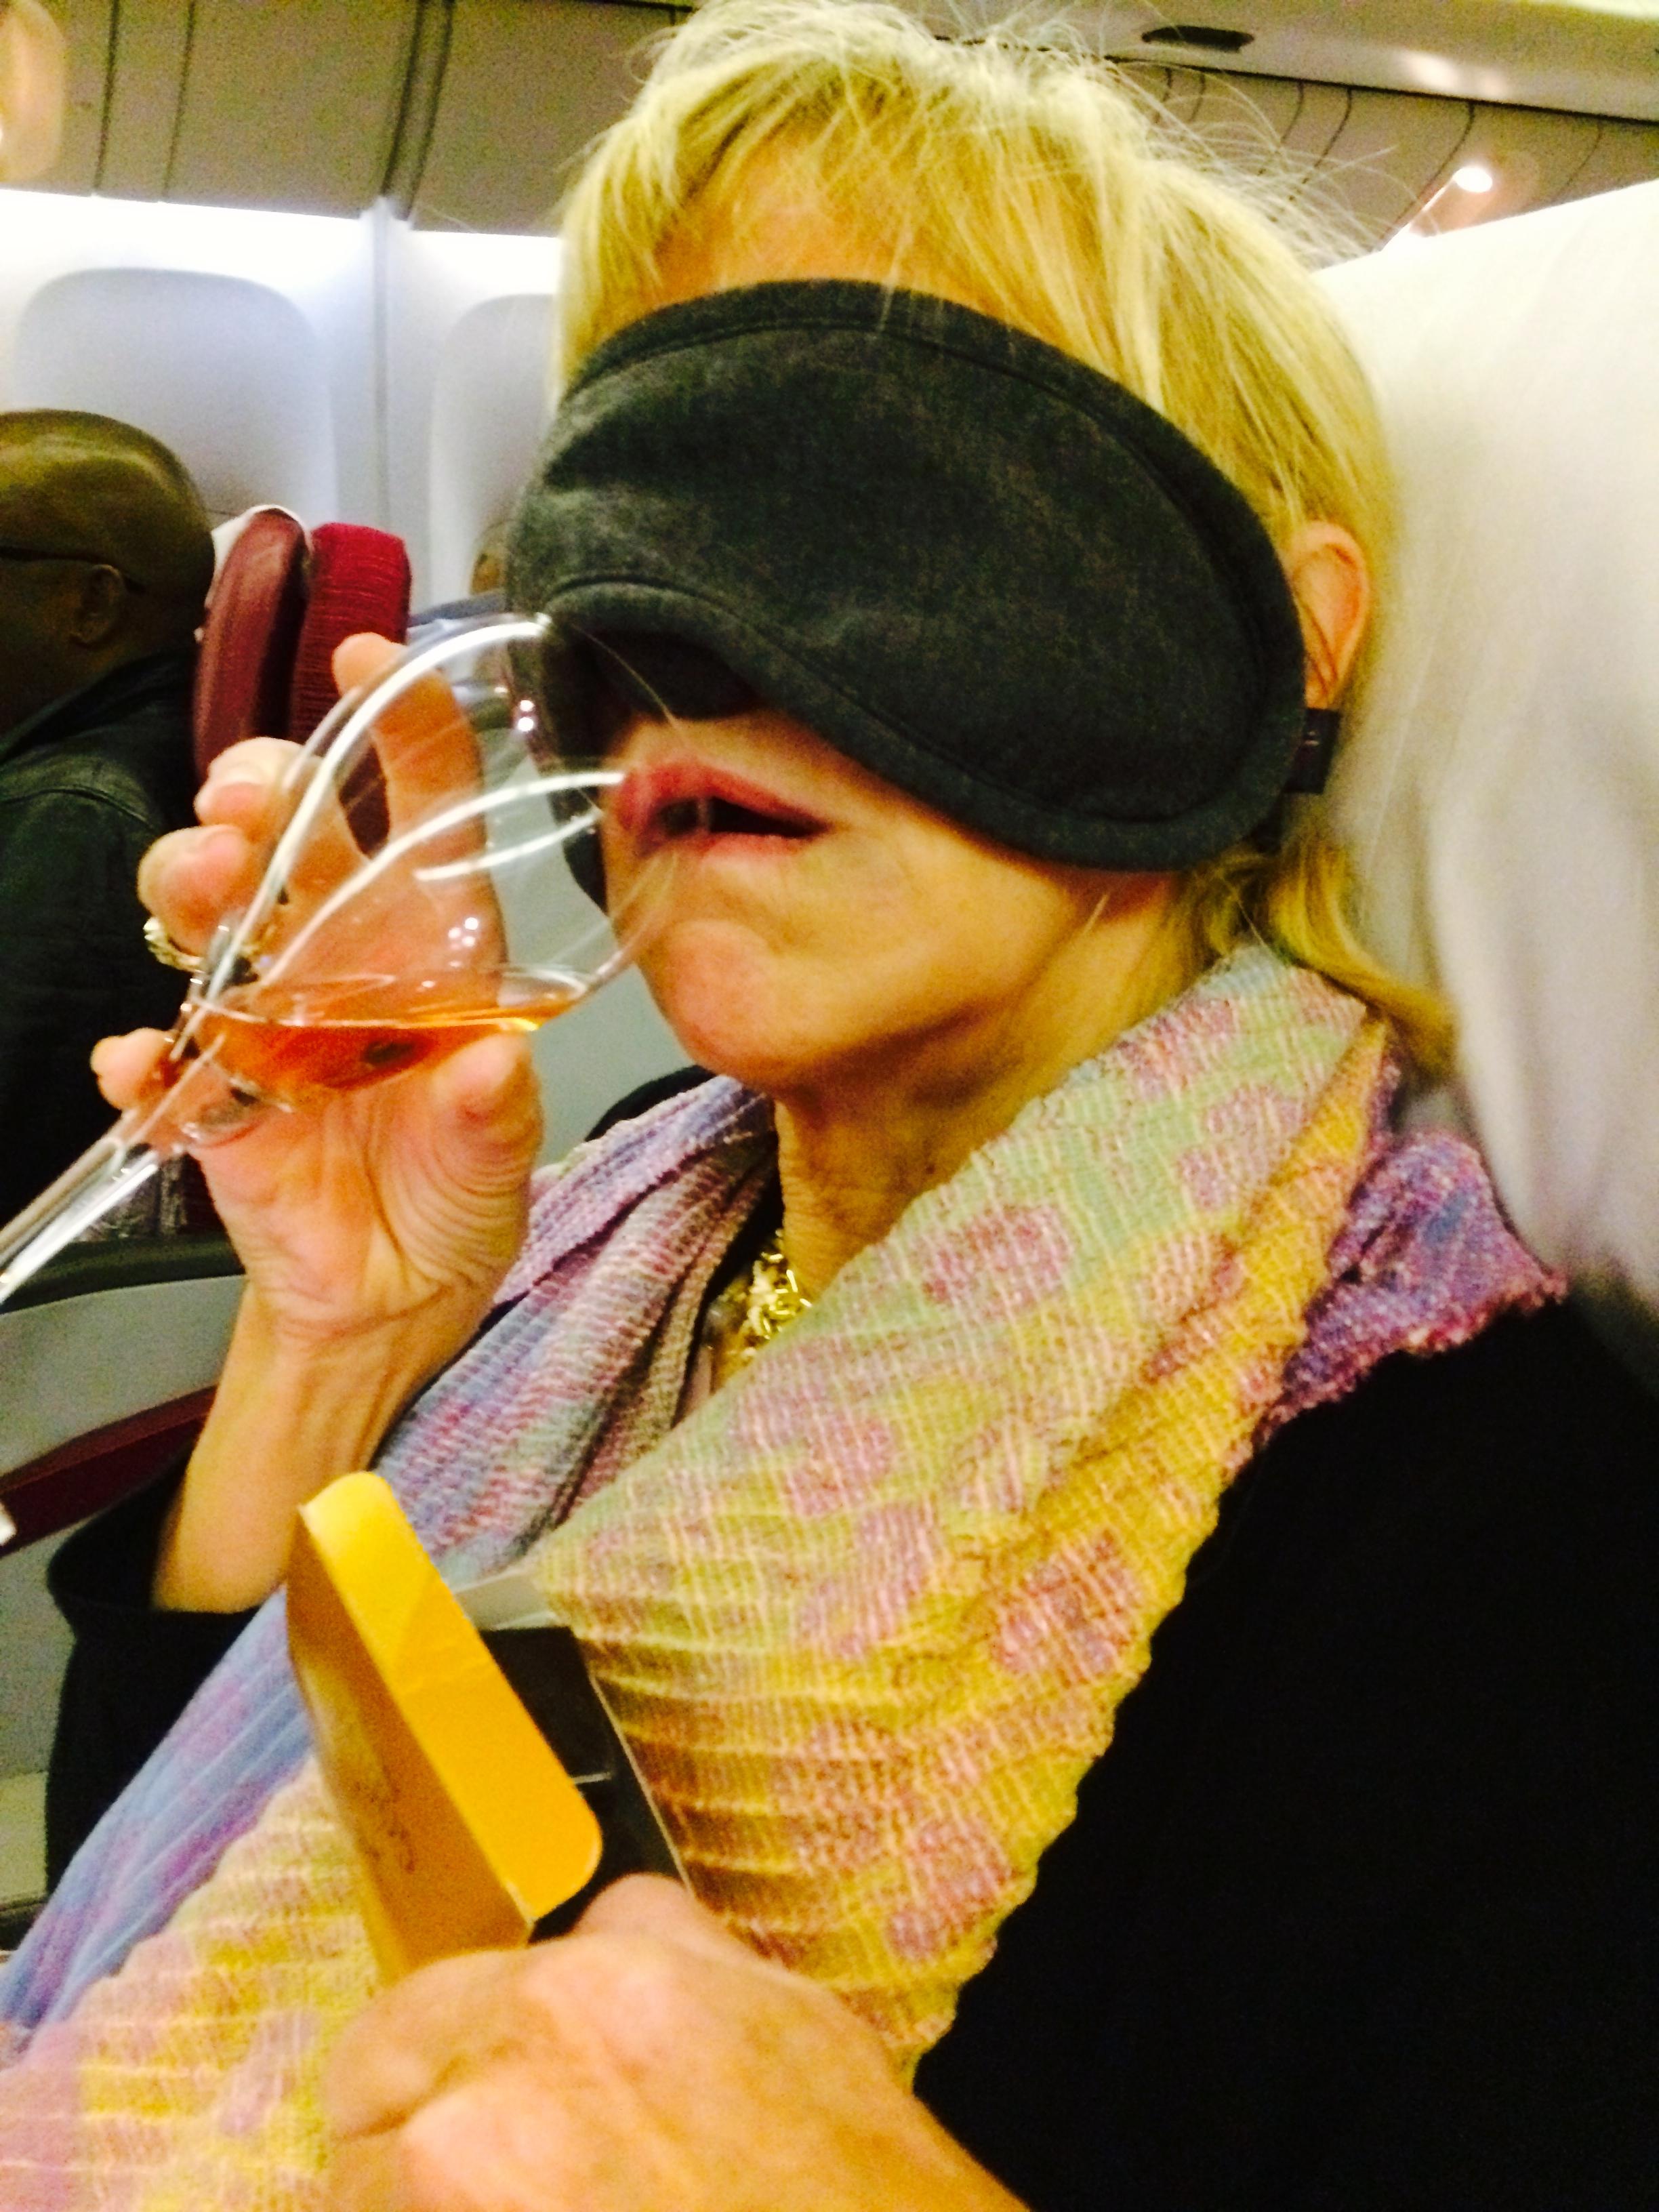 Blonde woman in eye mask drinking wine